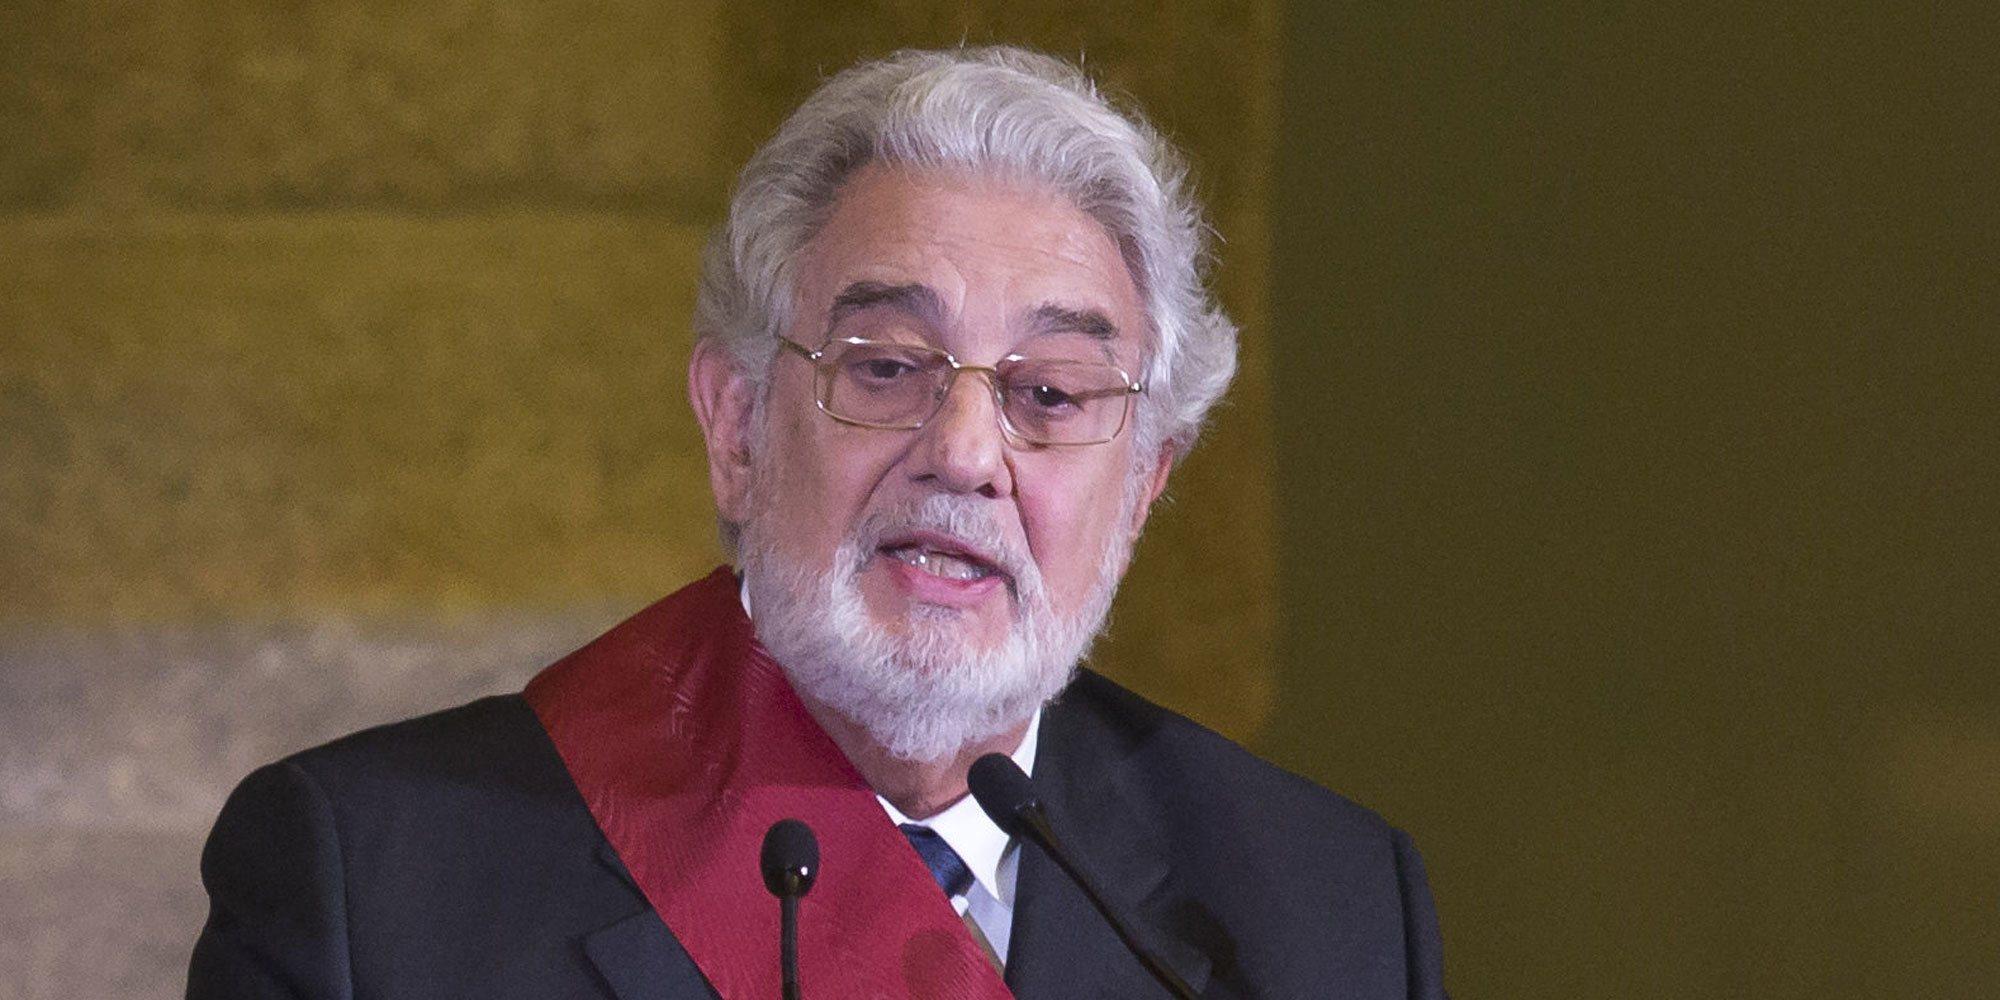 La investigación Ópera de Los Ángeles concluye que son creíbles las acusaciones de acoso sexual contra Plácido Domingo